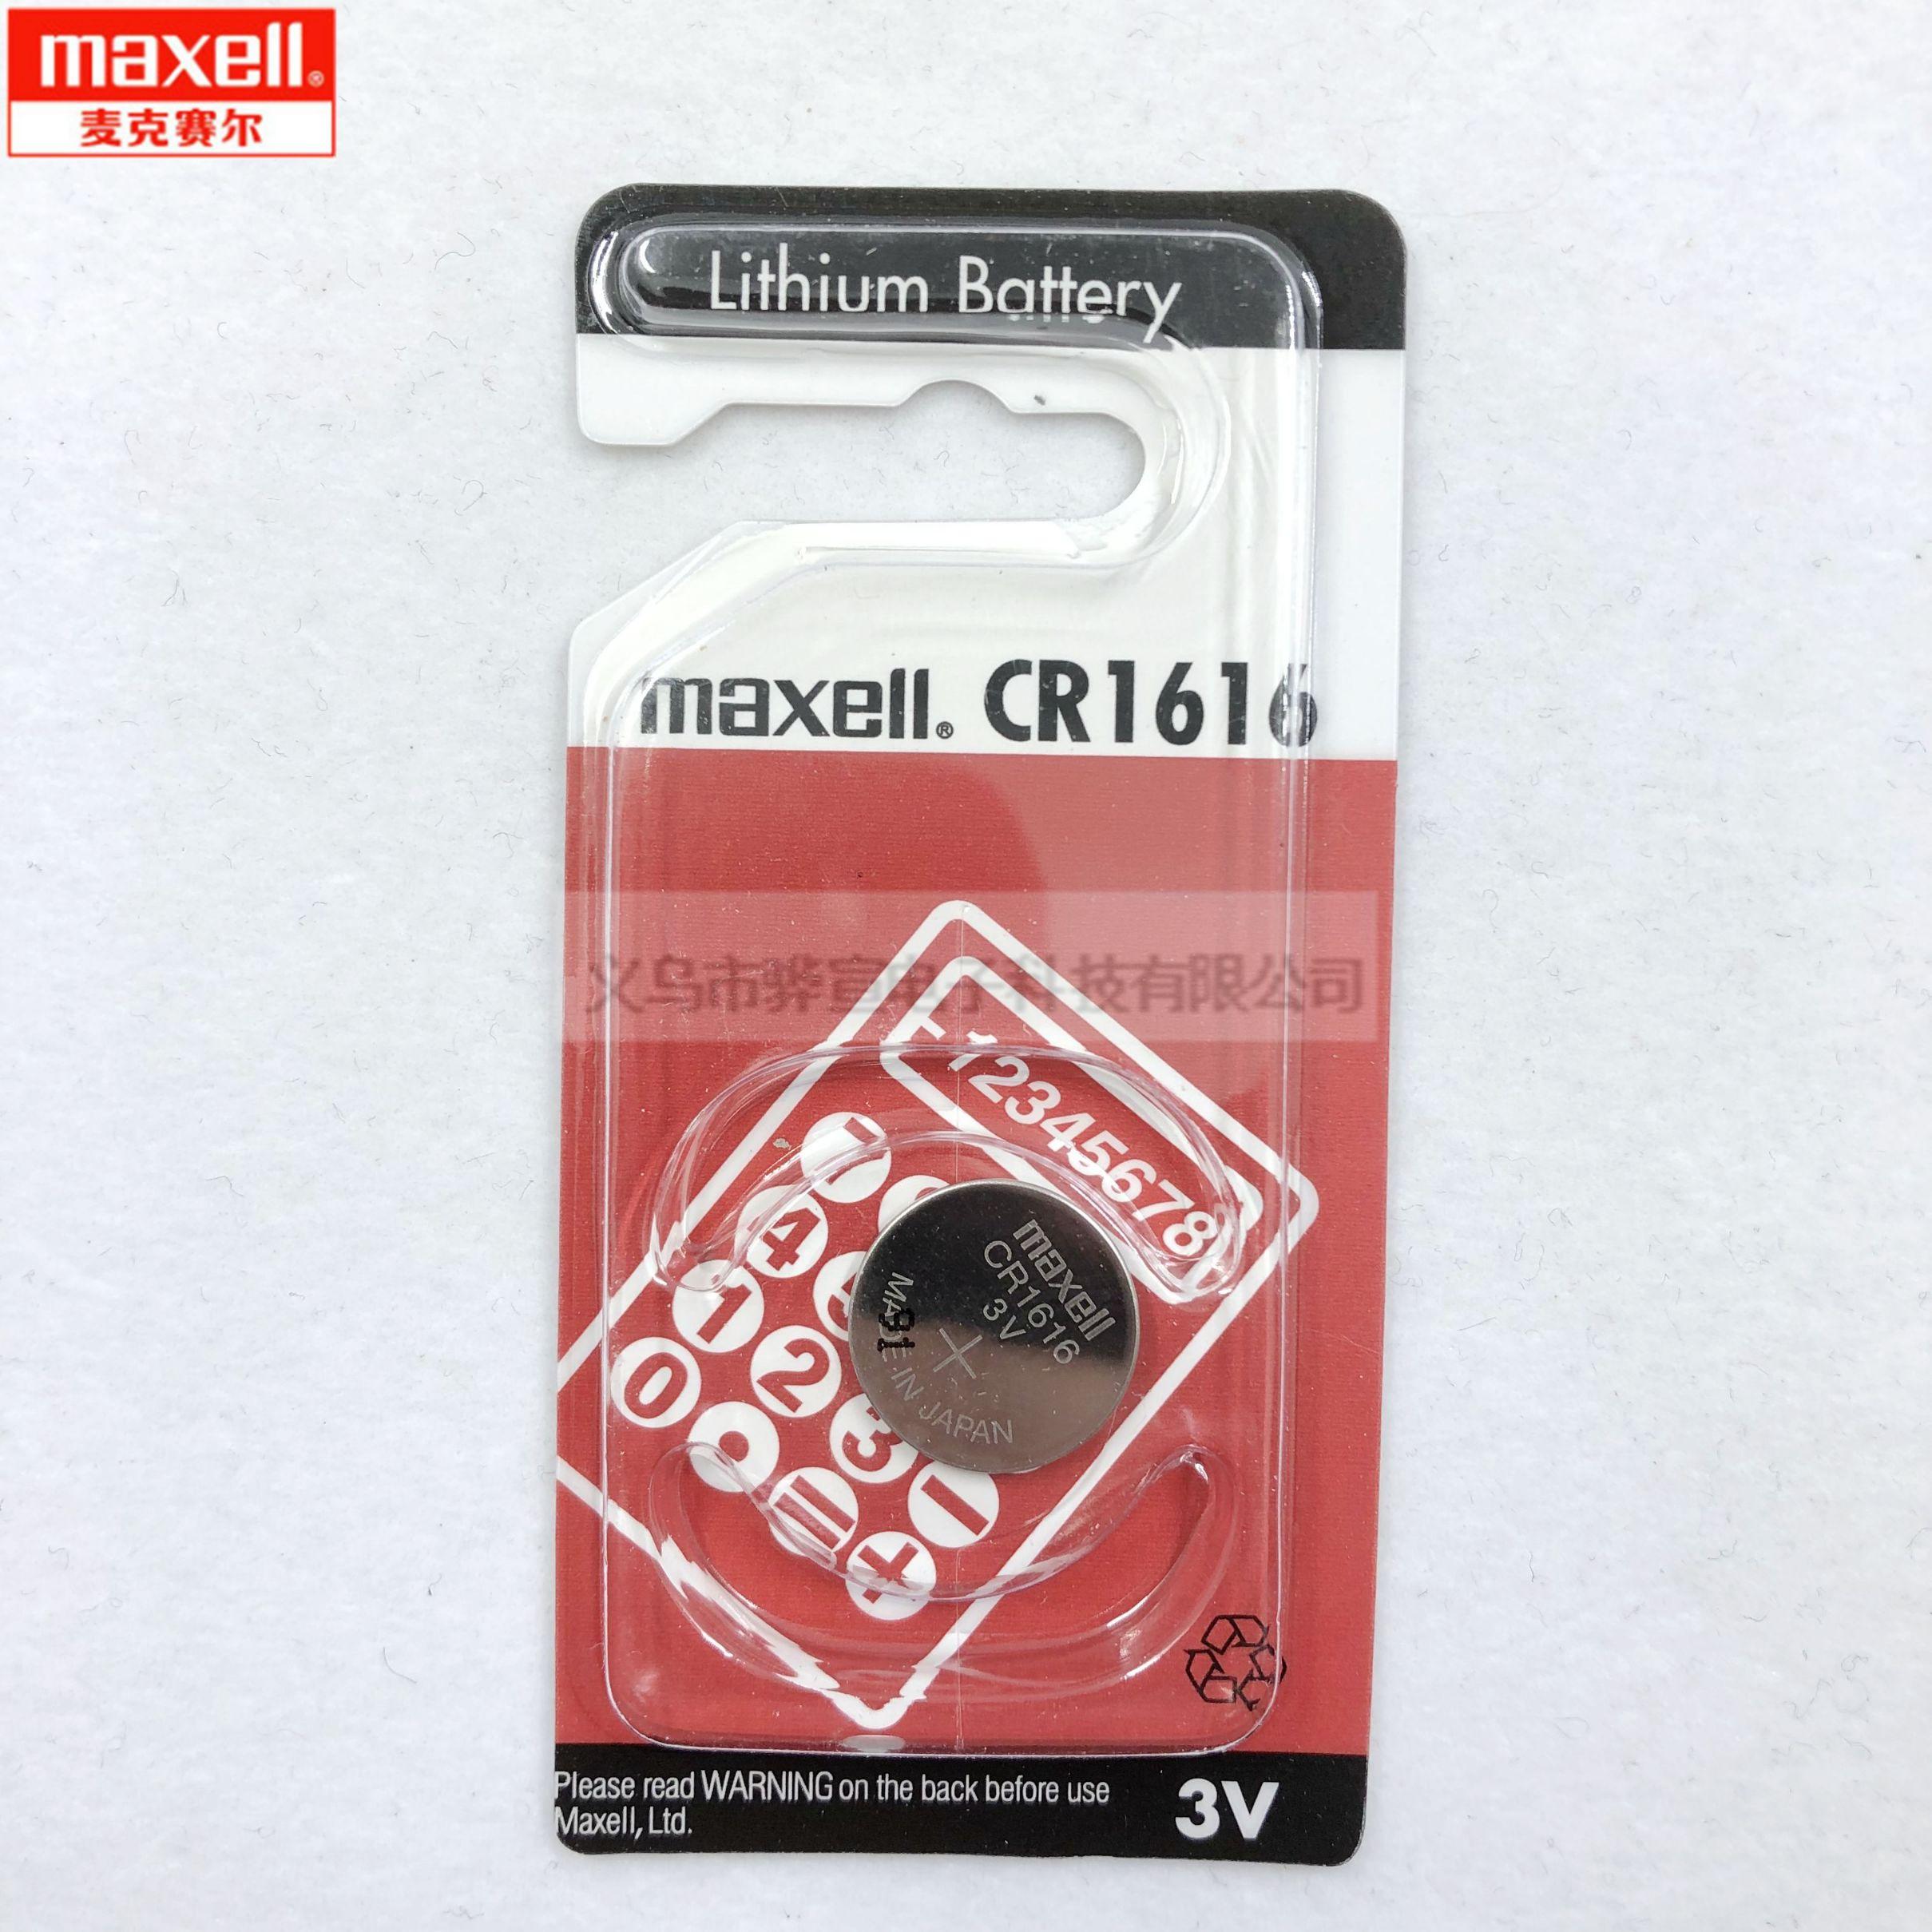 麦克赛尔maxell电子CR1616防盗器电脑主板汽3V高能纽扣电池锂电子